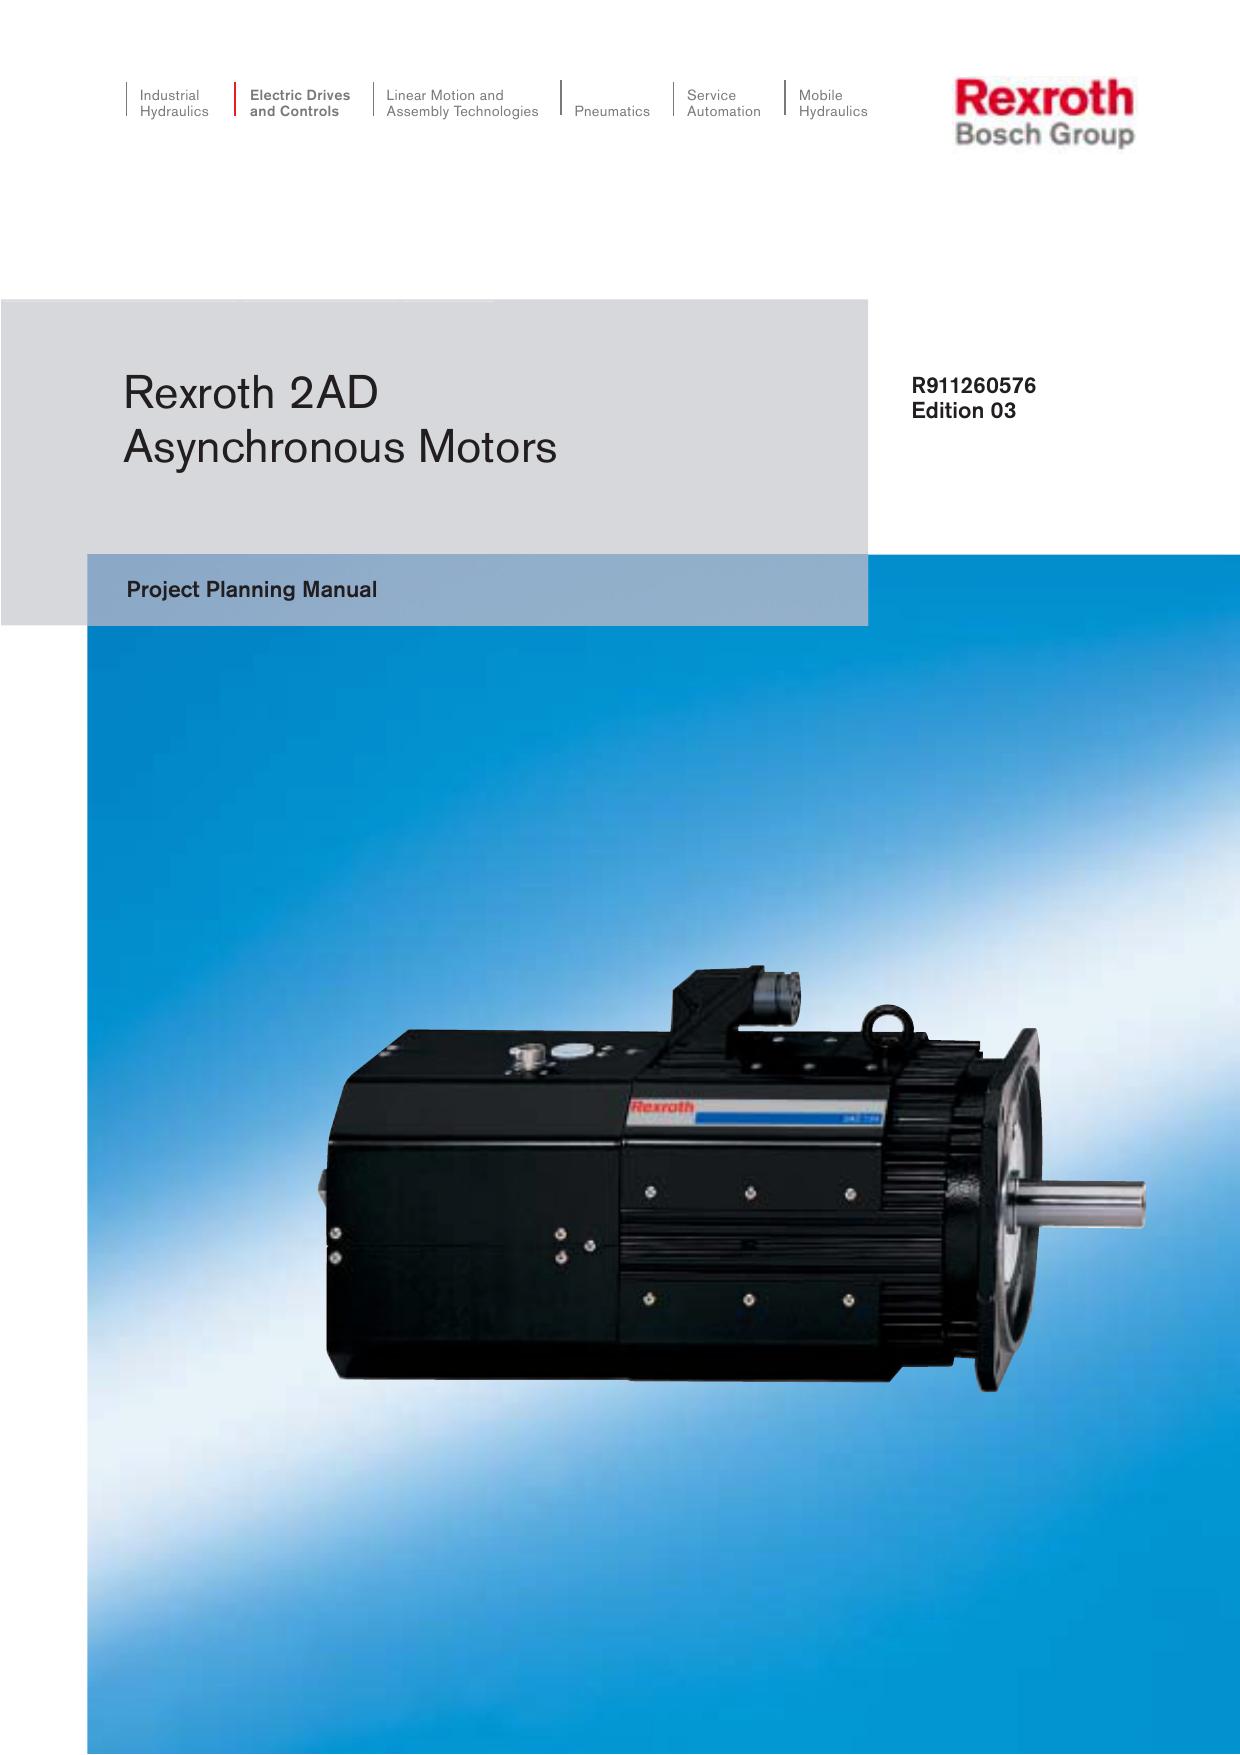 Rexroth 2AD Asynchronous Motors | manualzz com